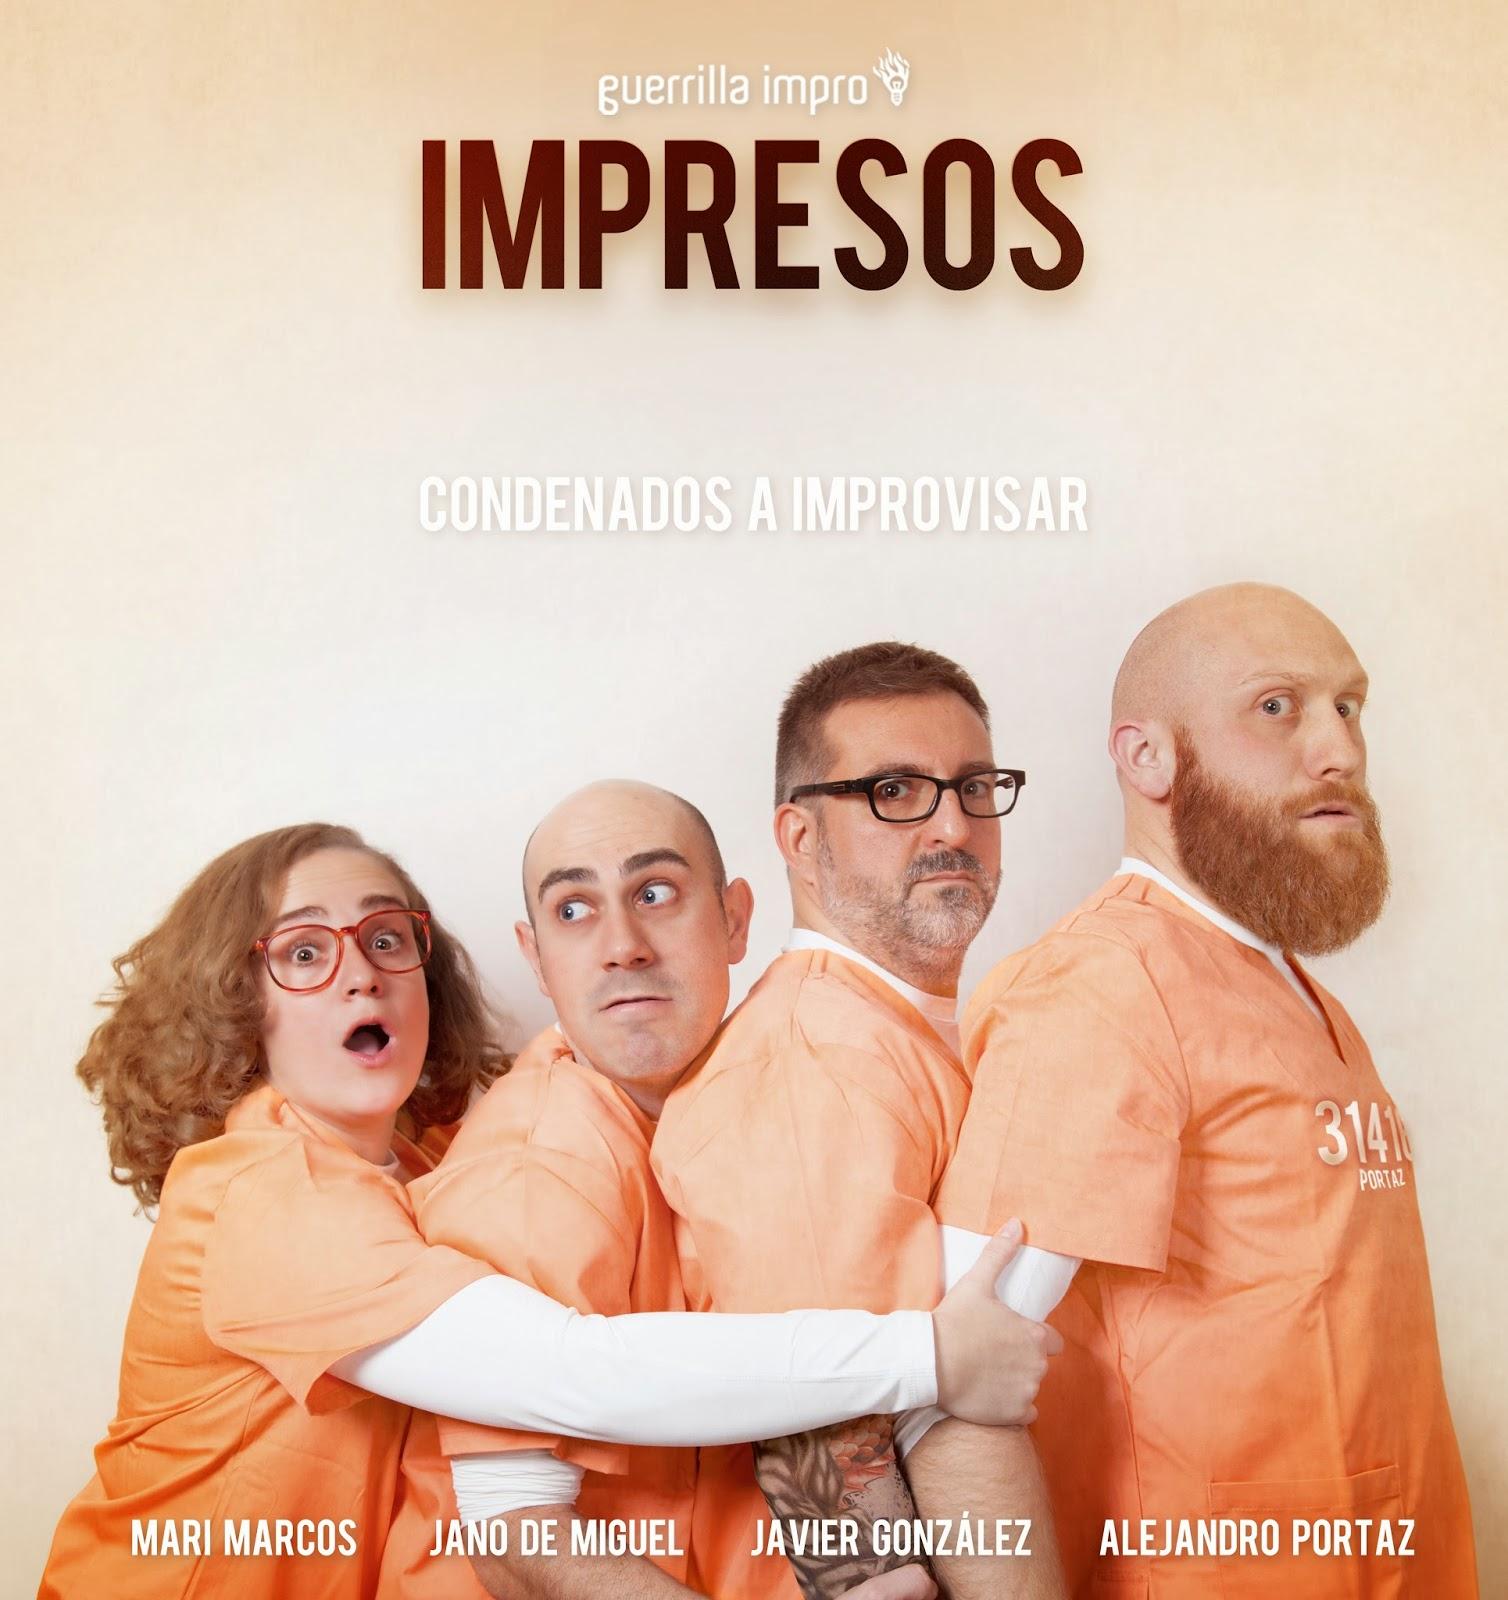 http://guerrillaimpro.blogspot.com.es/p/impresos.html